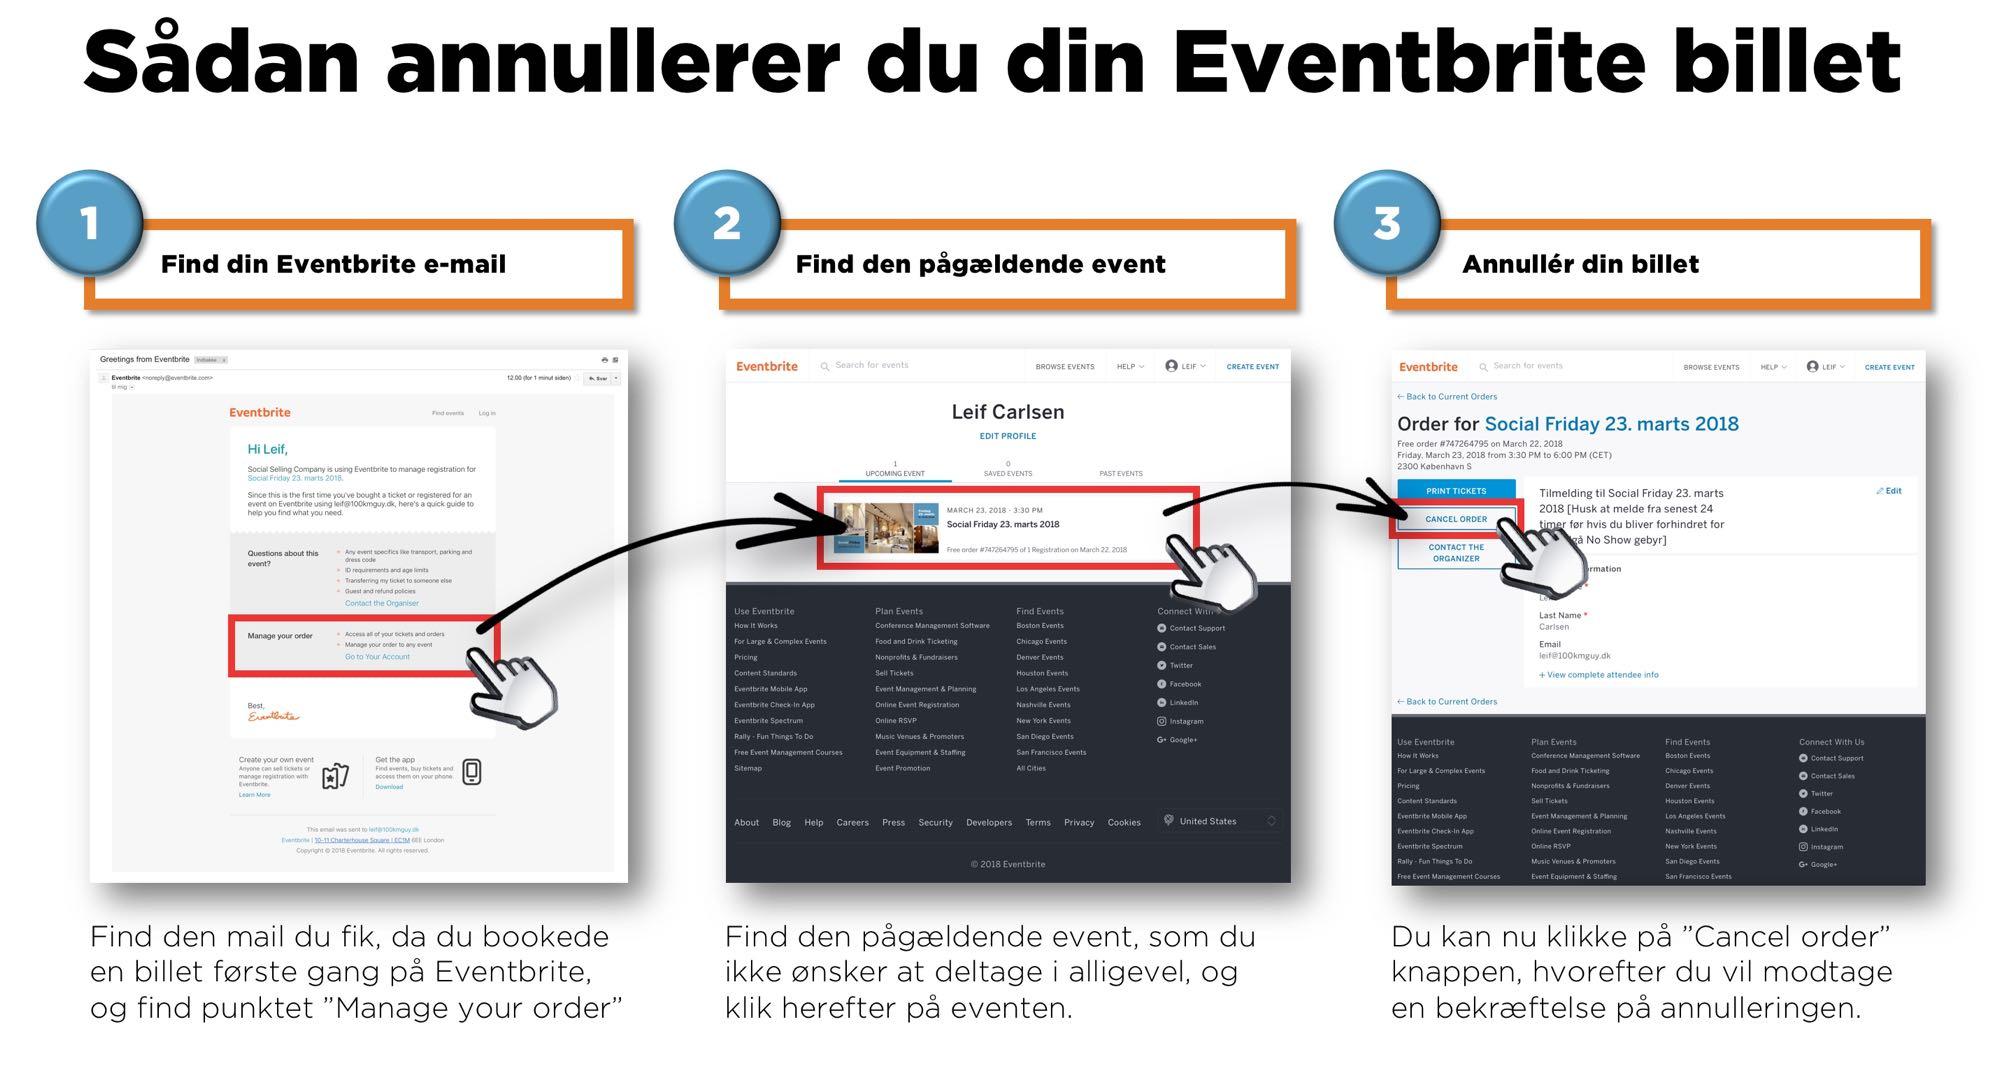 Guide til hvordan du kan annullere din Eventbrite billet